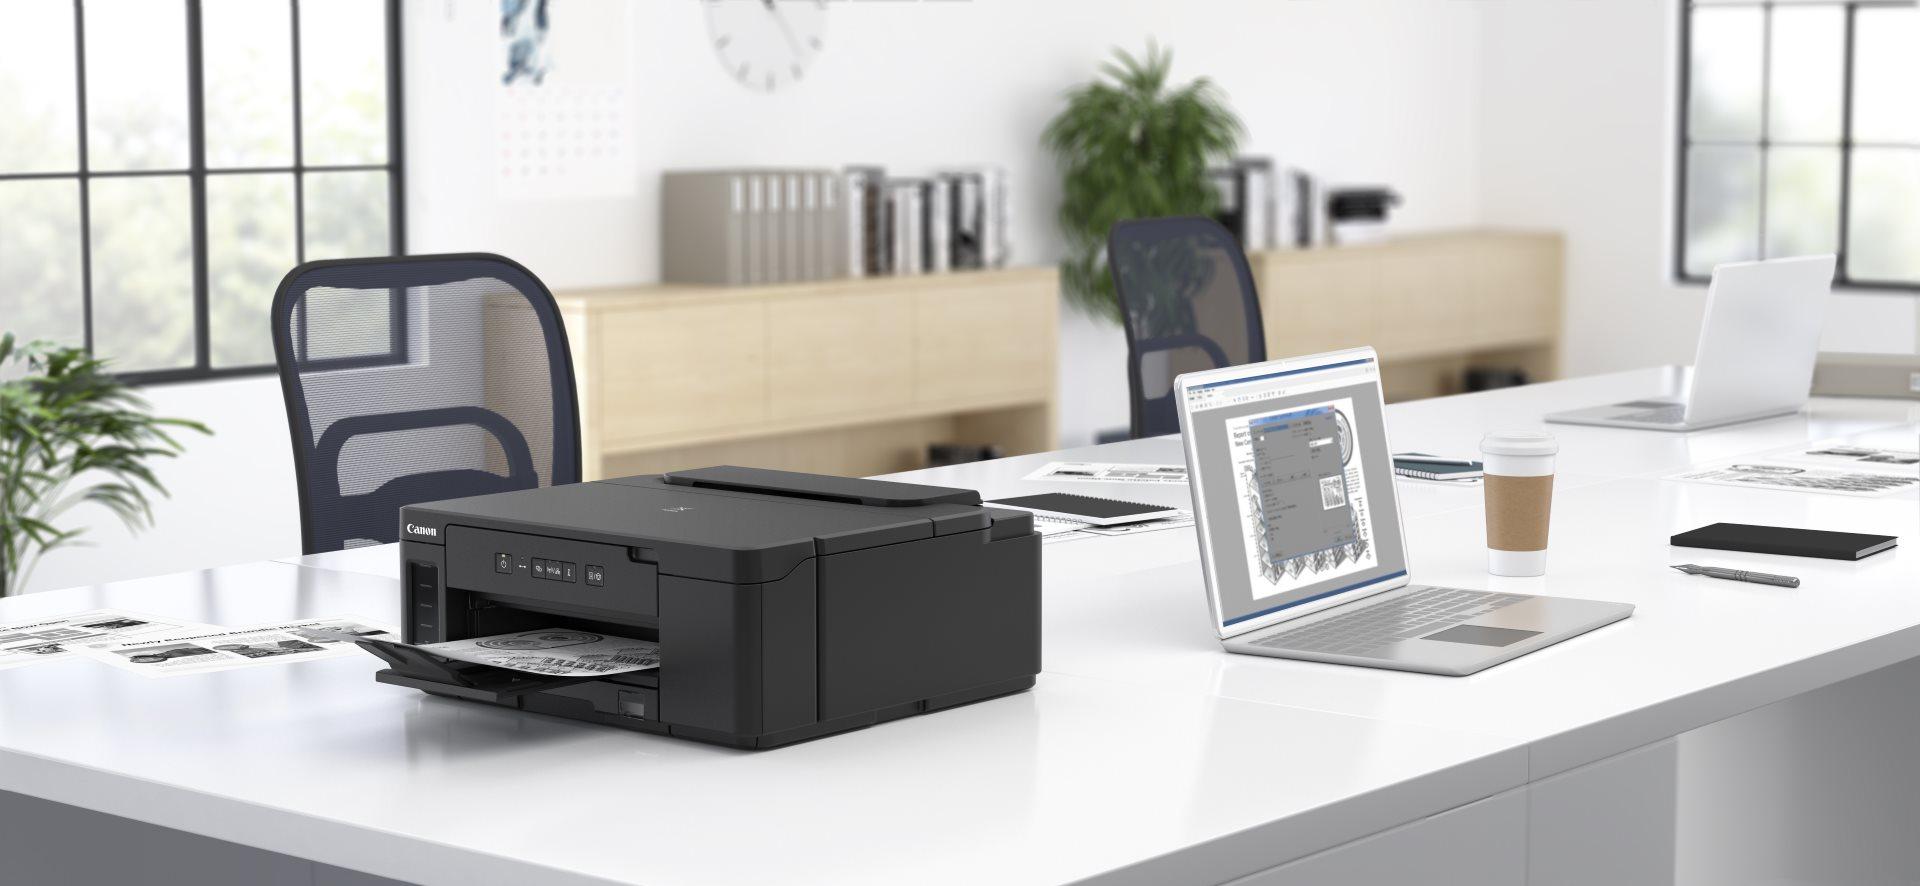 Canon представила новые экономичные принтеры Canon PIXMA G